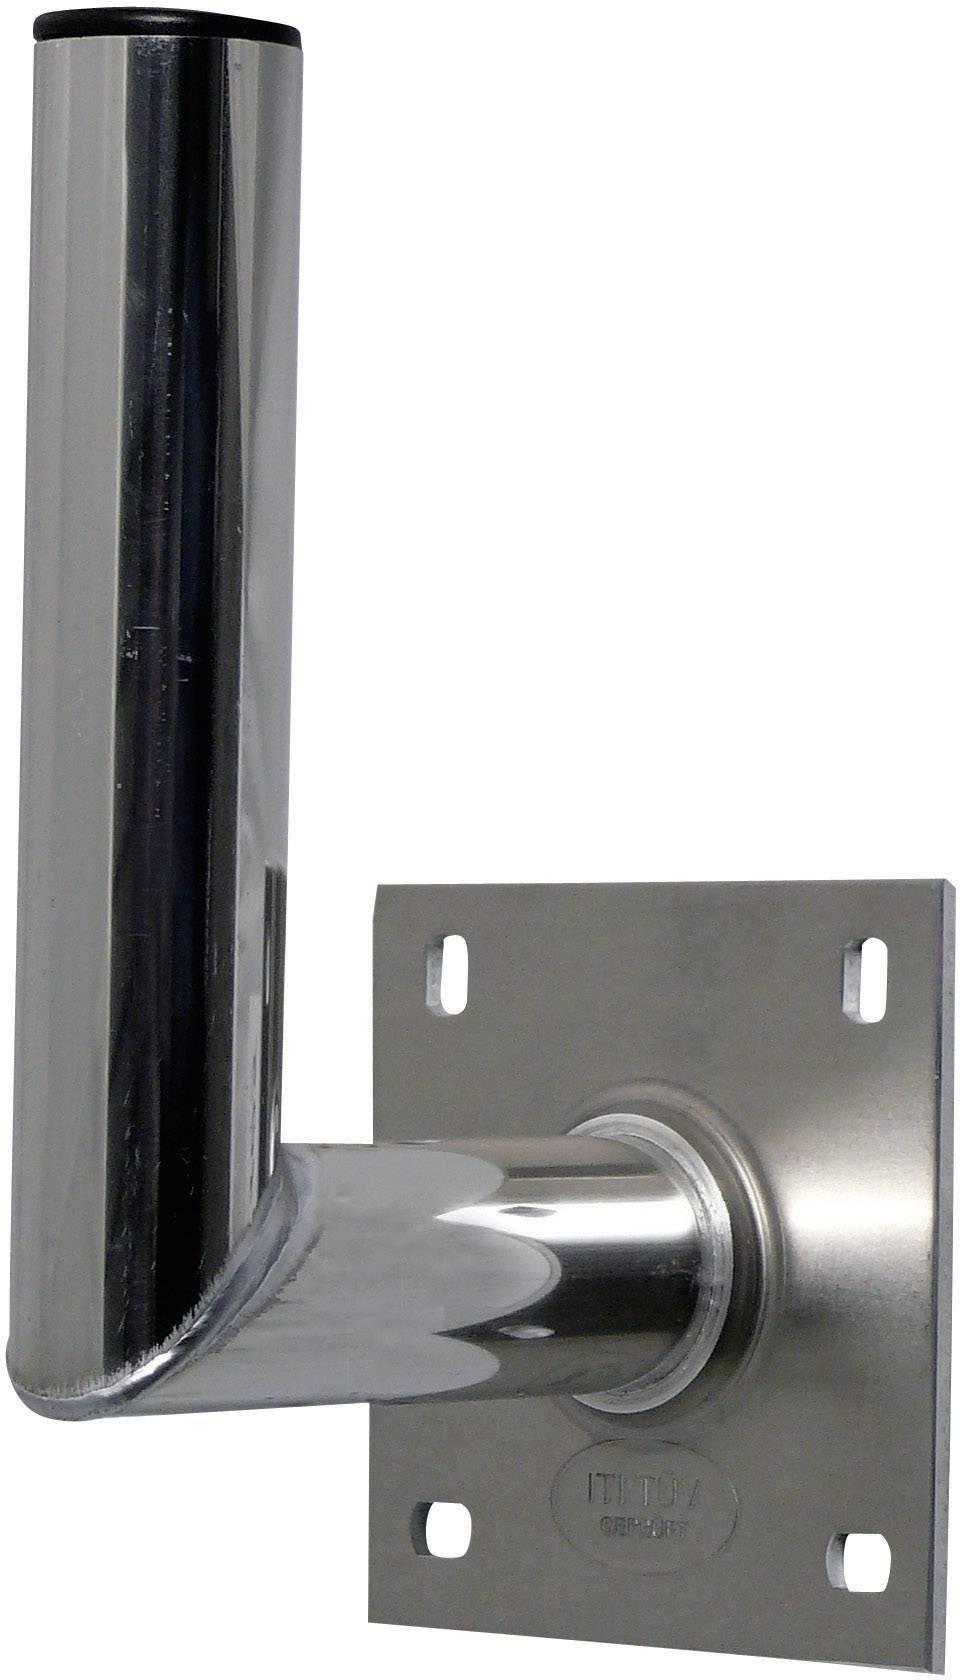 SAT držiak na stenu A.S. SAT 10015, 15 cm, Ø do 90 cm, hliník, strieborná